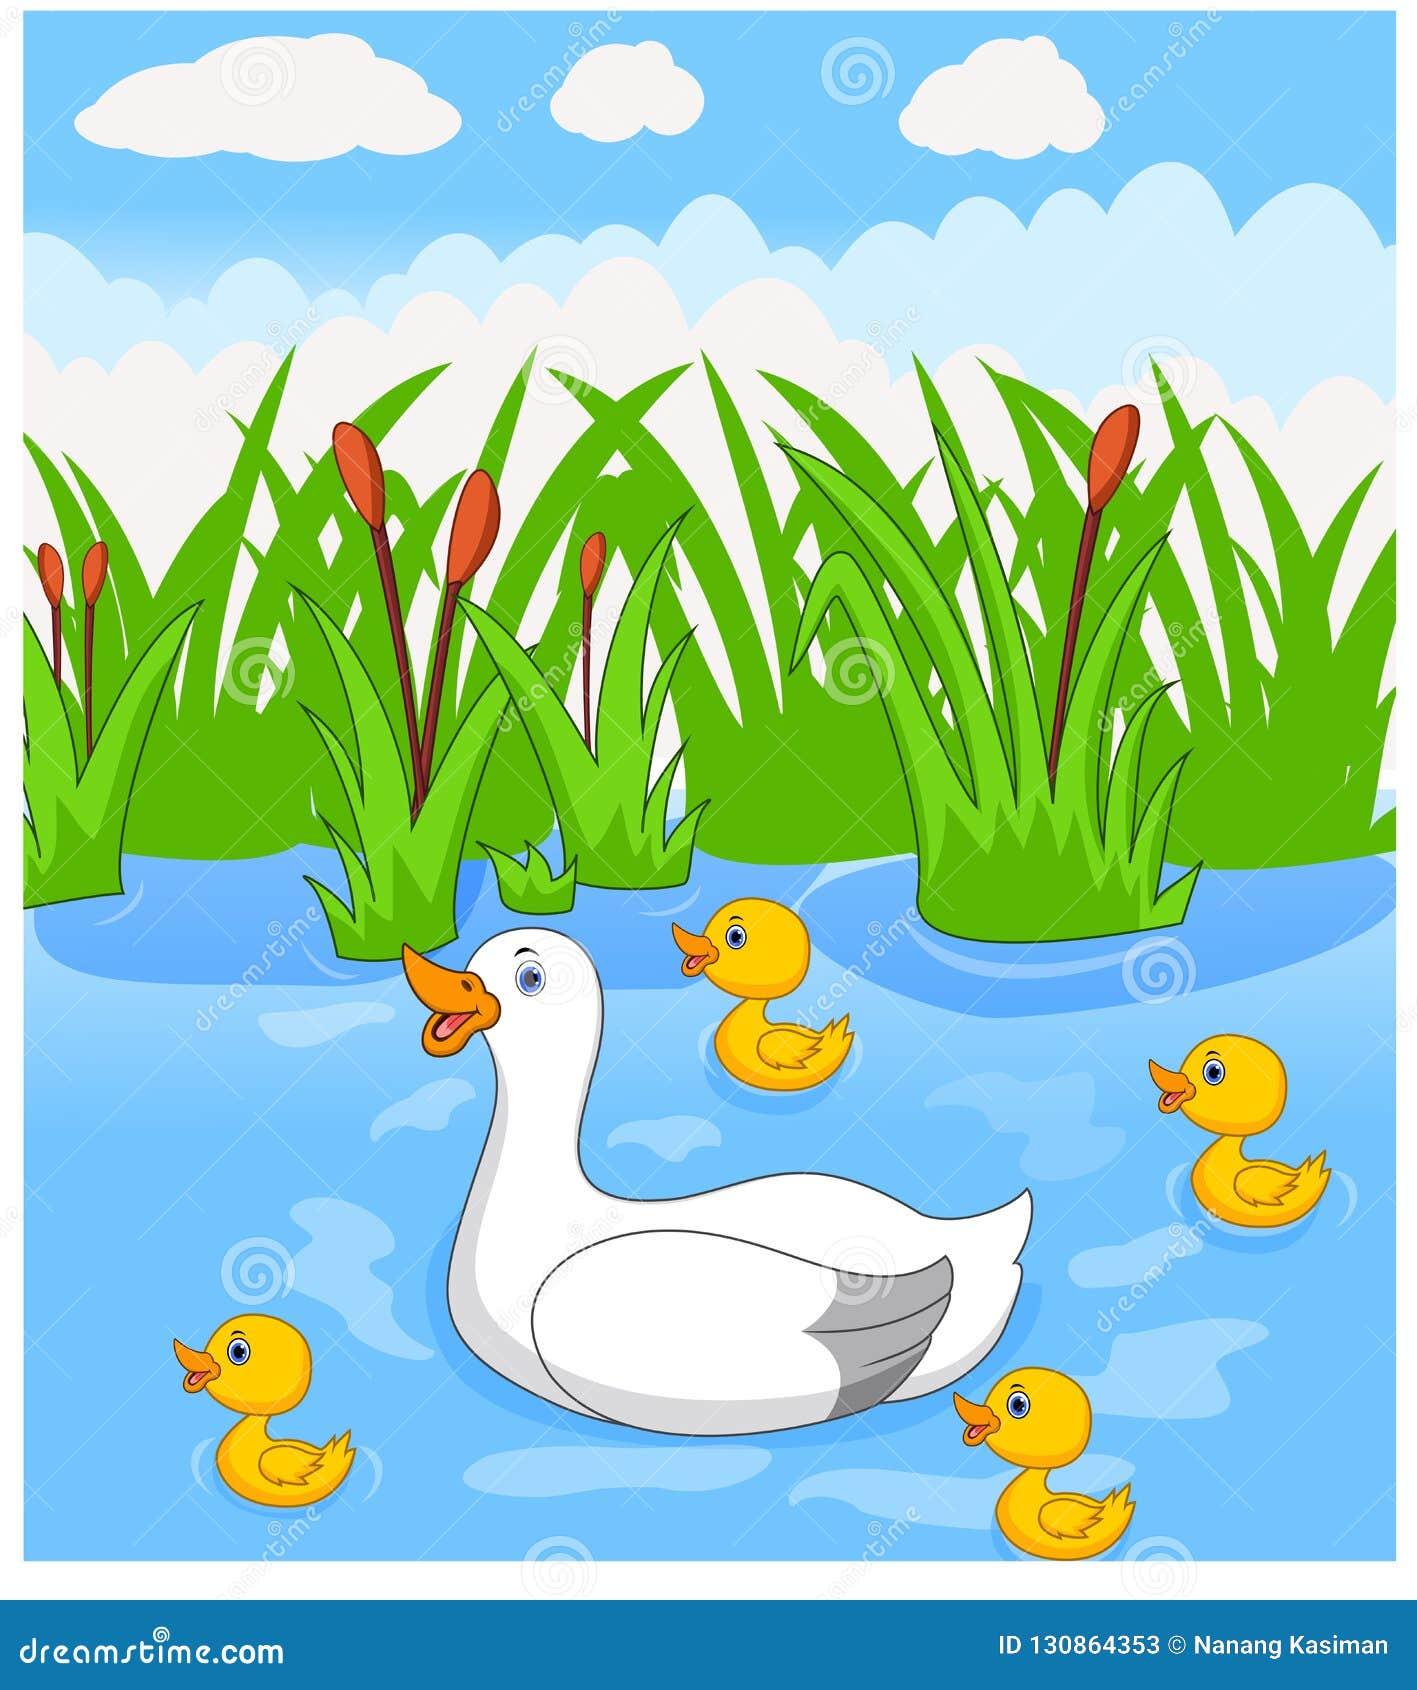 Nadadas dos desenhos animados do pato com seus quatro patinhos bonitos pequenos no rio